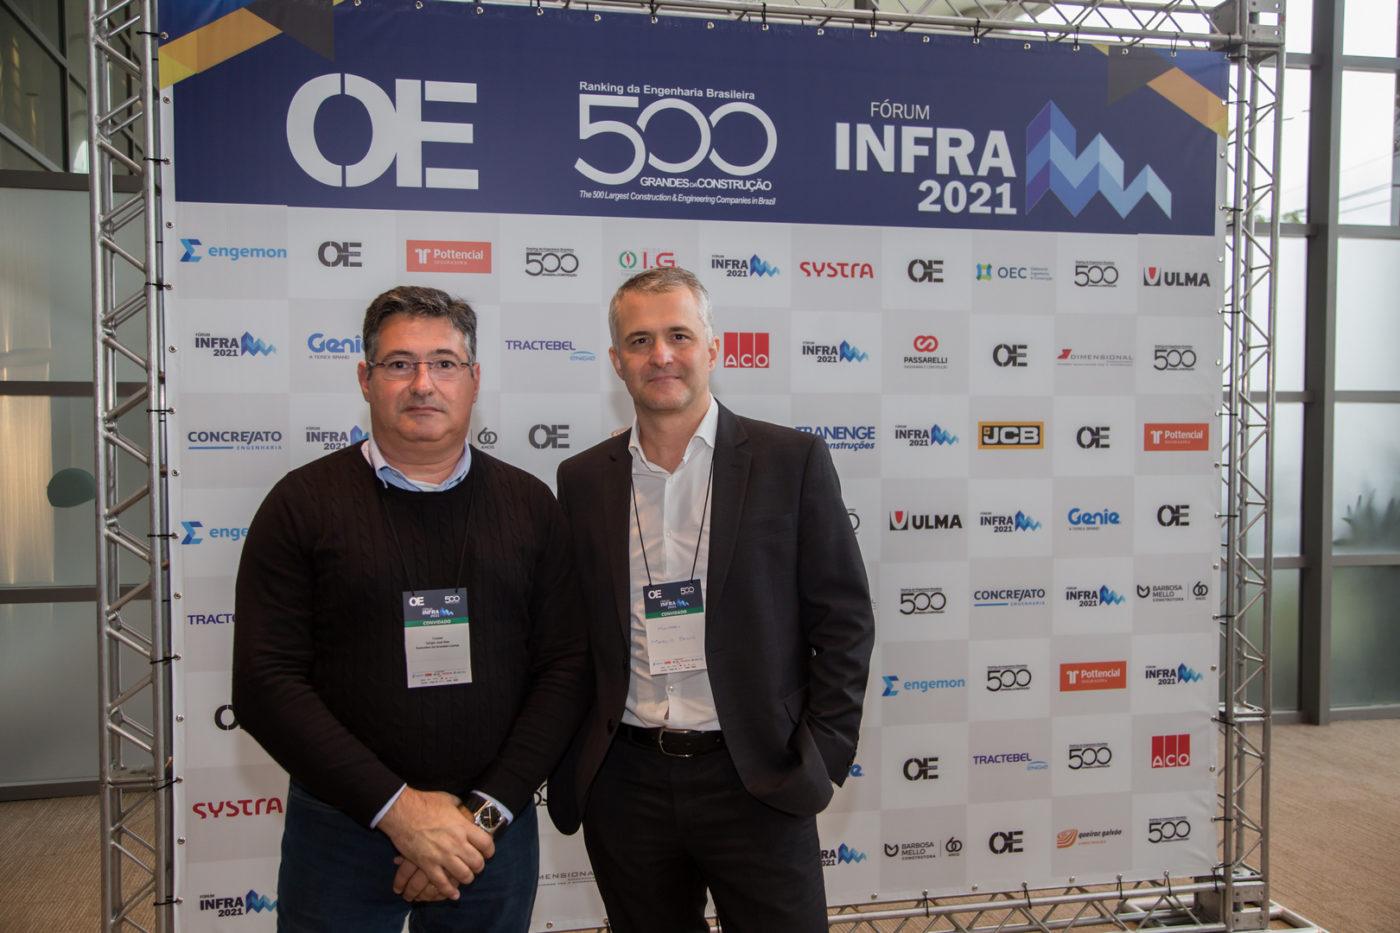 FÓRUM INFRA 2021FORUM 2021 REVISTA OE-504